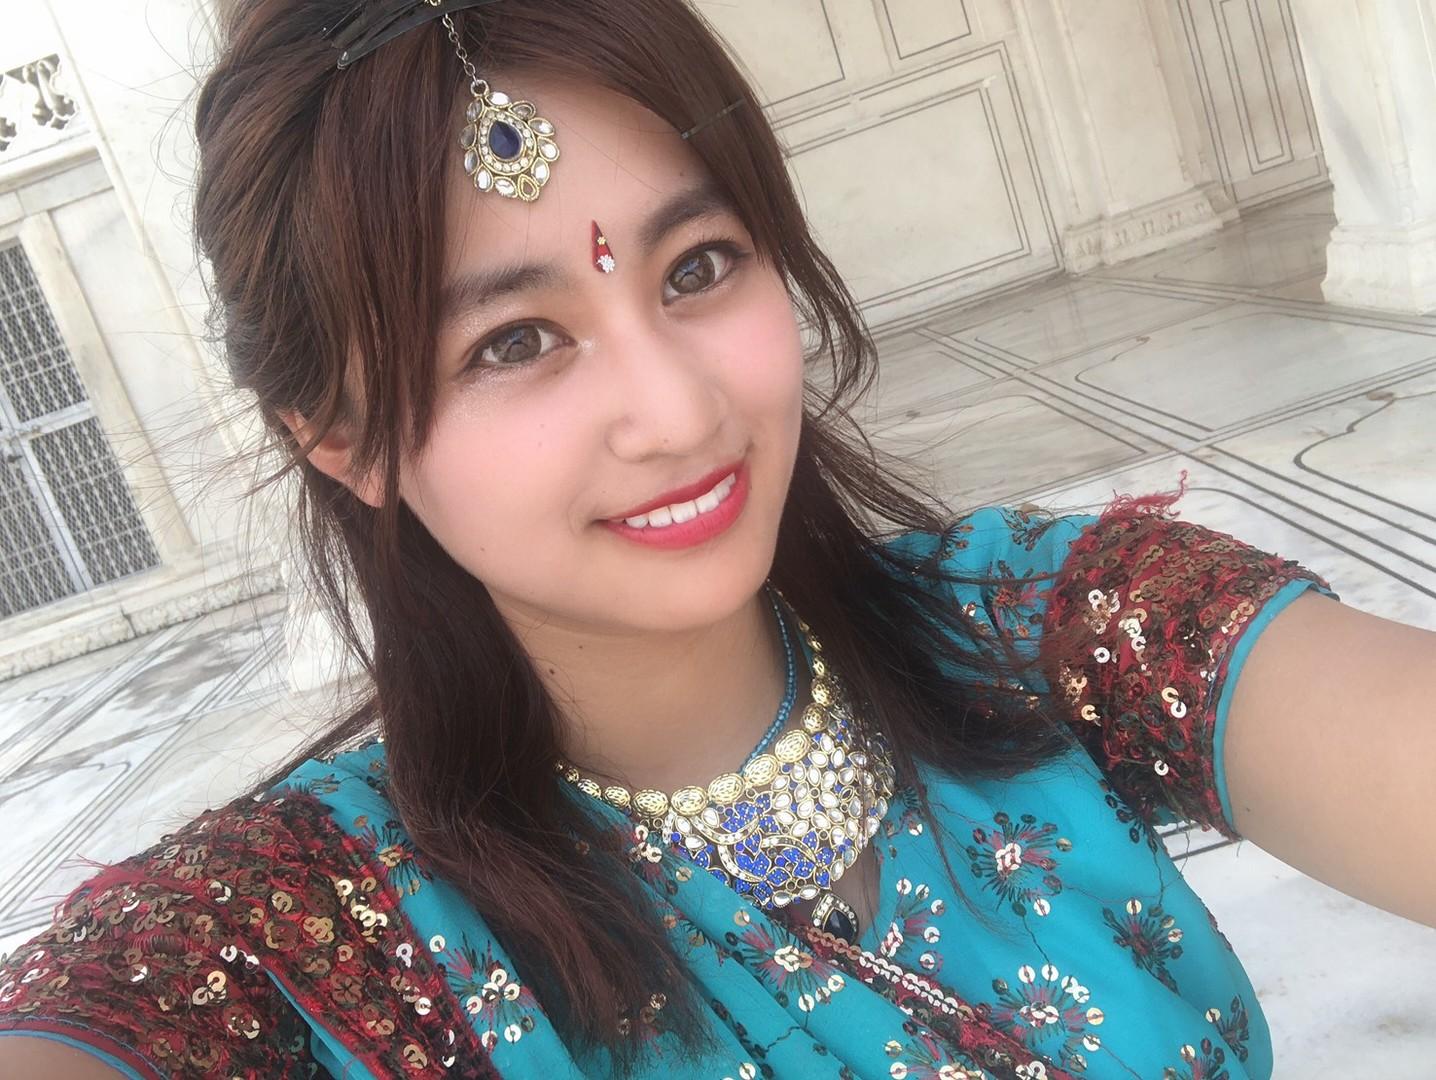 民族衣装を着るとインド人が「一緒に写真を撮って」とひっきりなしにやってきます。2000円で日本で予約して、1000ルピア現地で追加して王宮衣装に娘はしました。レンタル屋ではしきりに「買った方が得」と言われました。